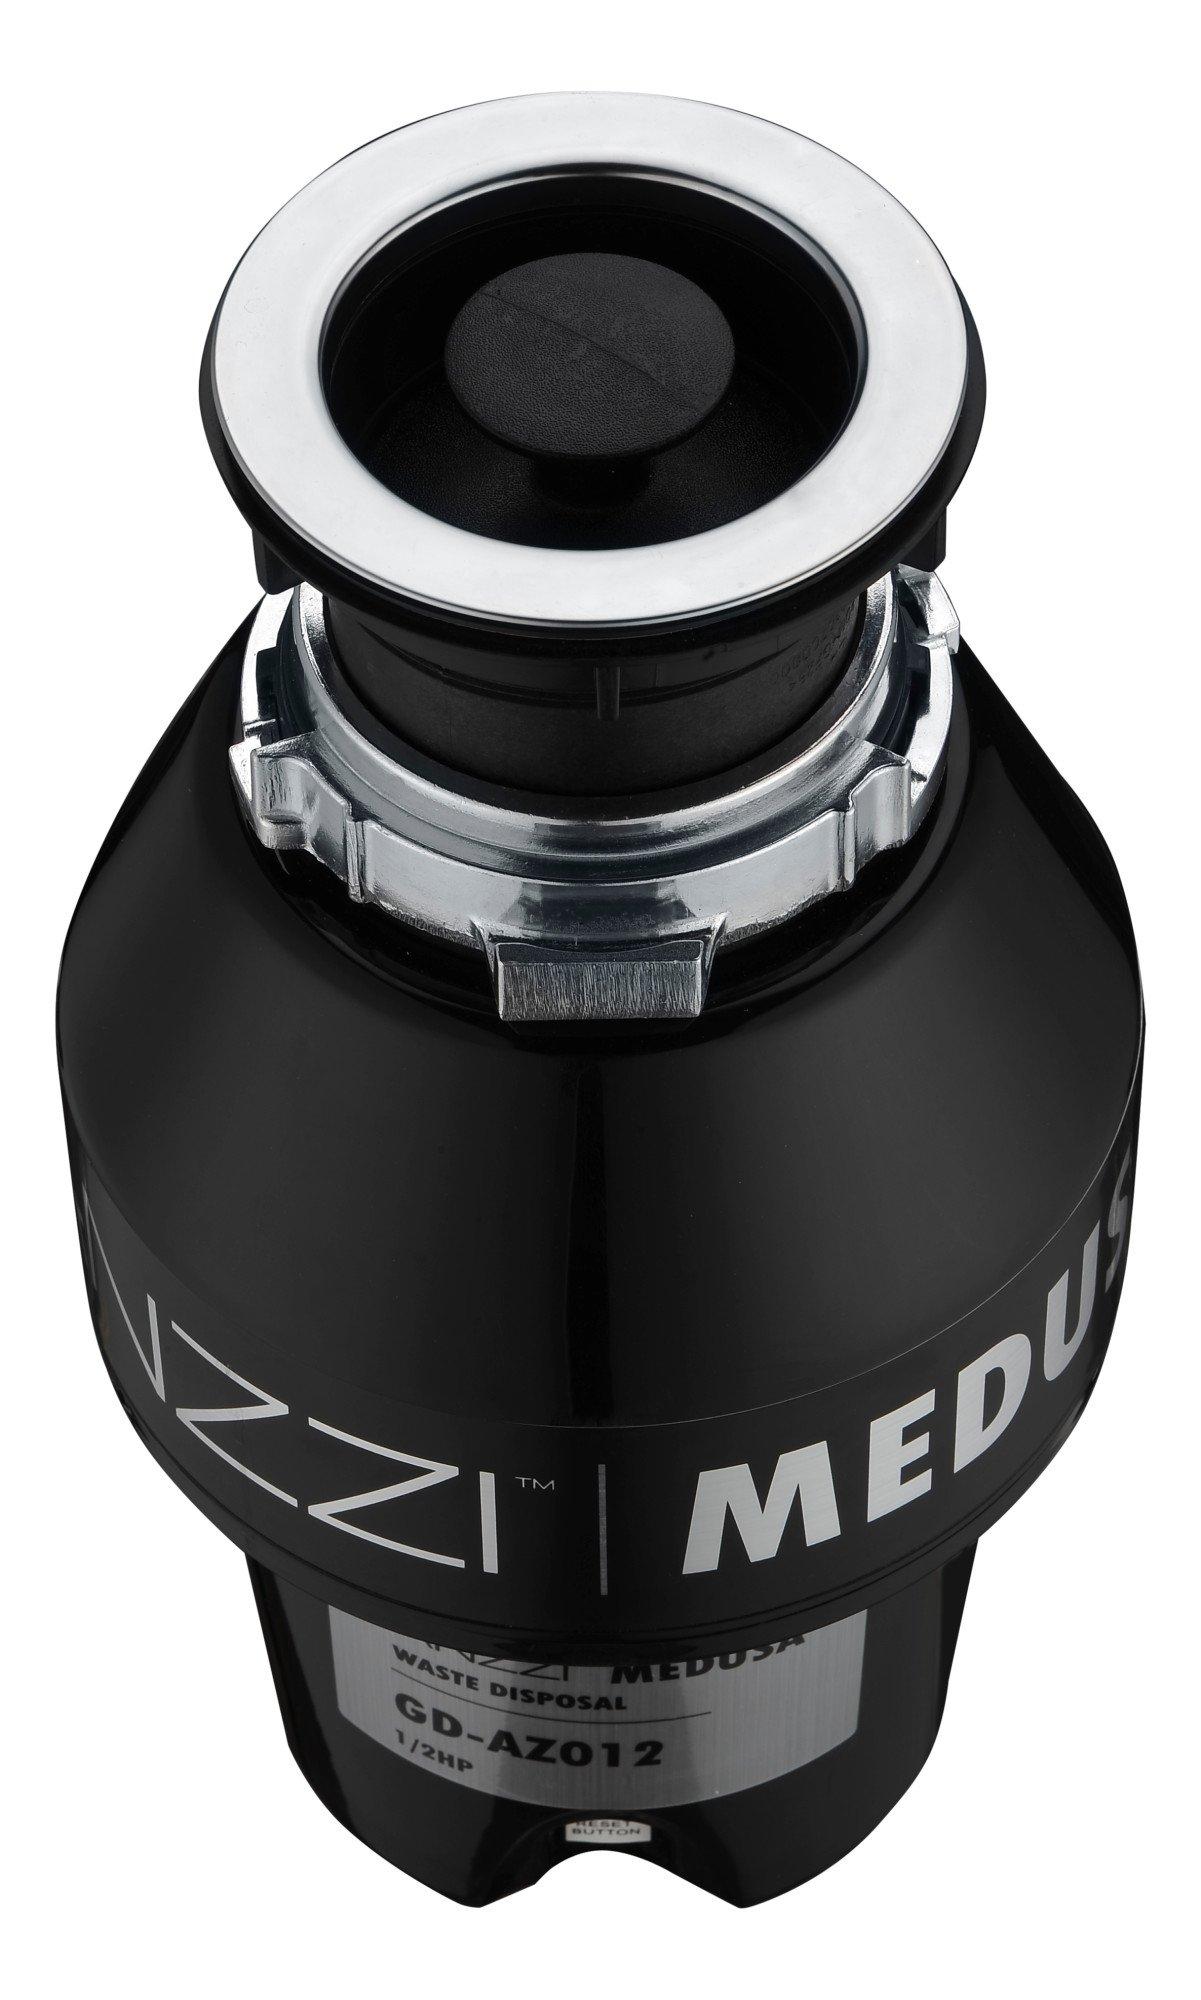 1/2 HP Garbage Disposal - Black - Medusa Series GD-AZ012 - ANZZI by ANZZI (Image #2)